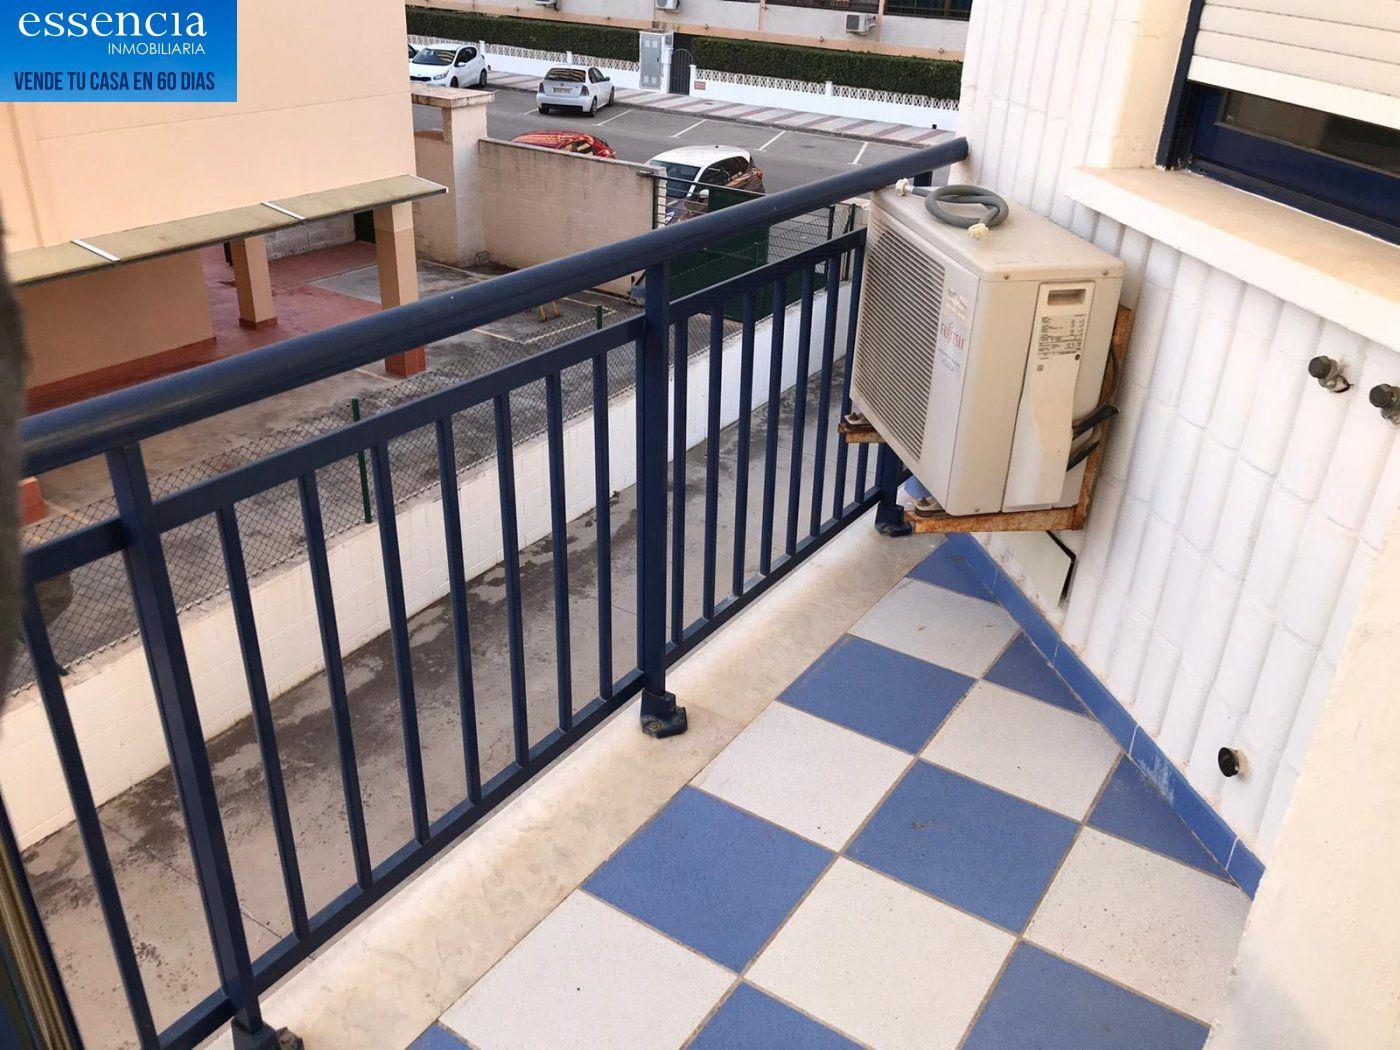 Apartamento de 2 dormitorios y 2 baños con salón con balcón. - imagenInmueble5